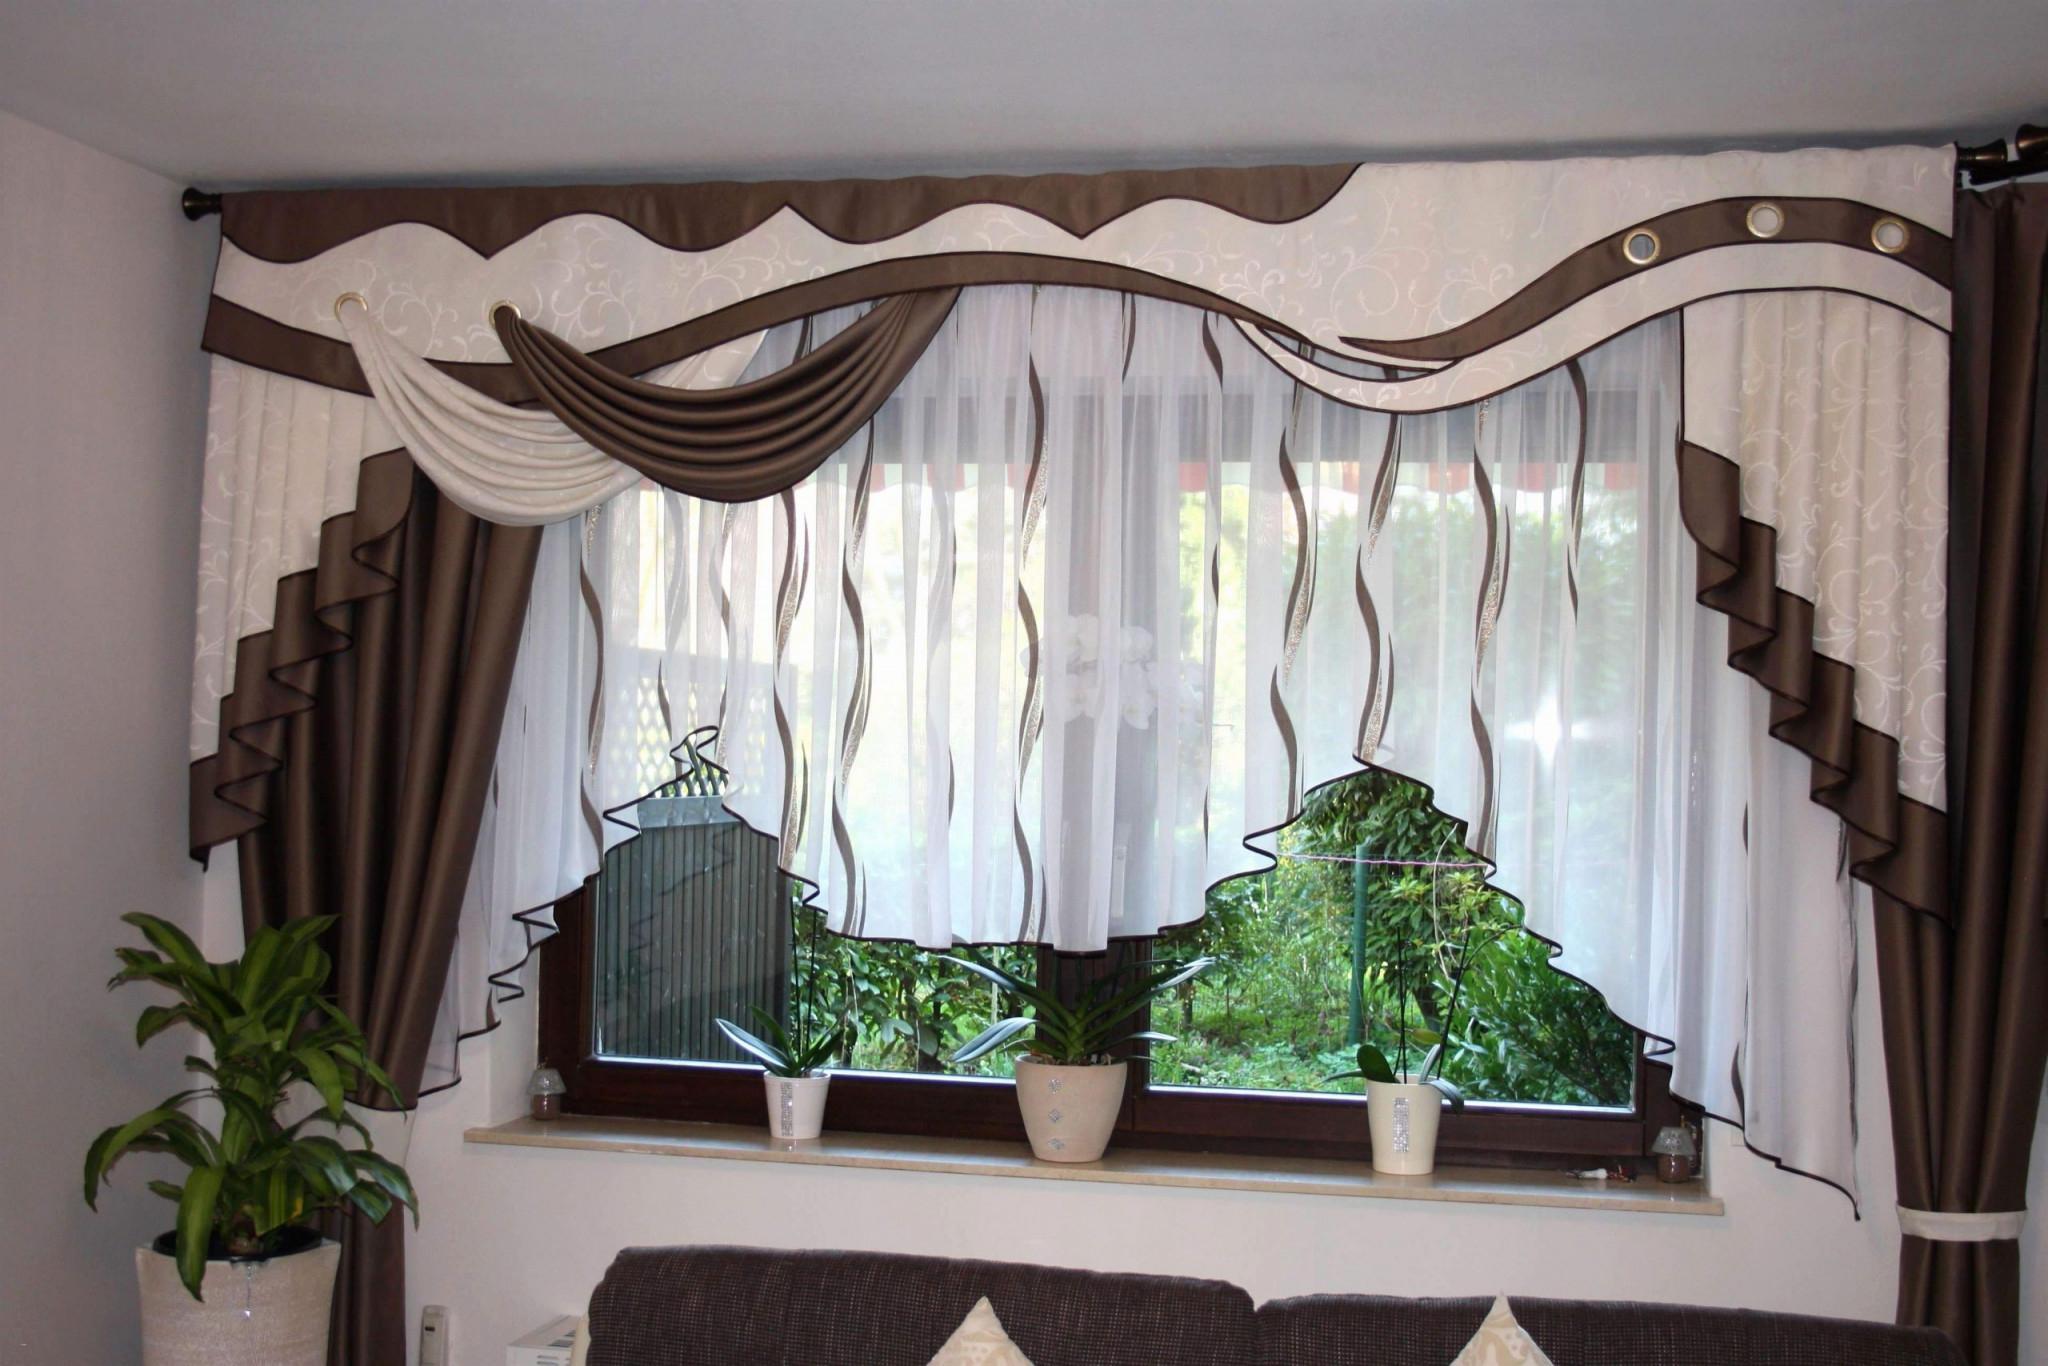 Gardinen Dekorationsvorschläge Wohnzimmer Reizend Schöne Bad von Gardinen Dekorationsvorschläge Wohnzimmer Modern Photo